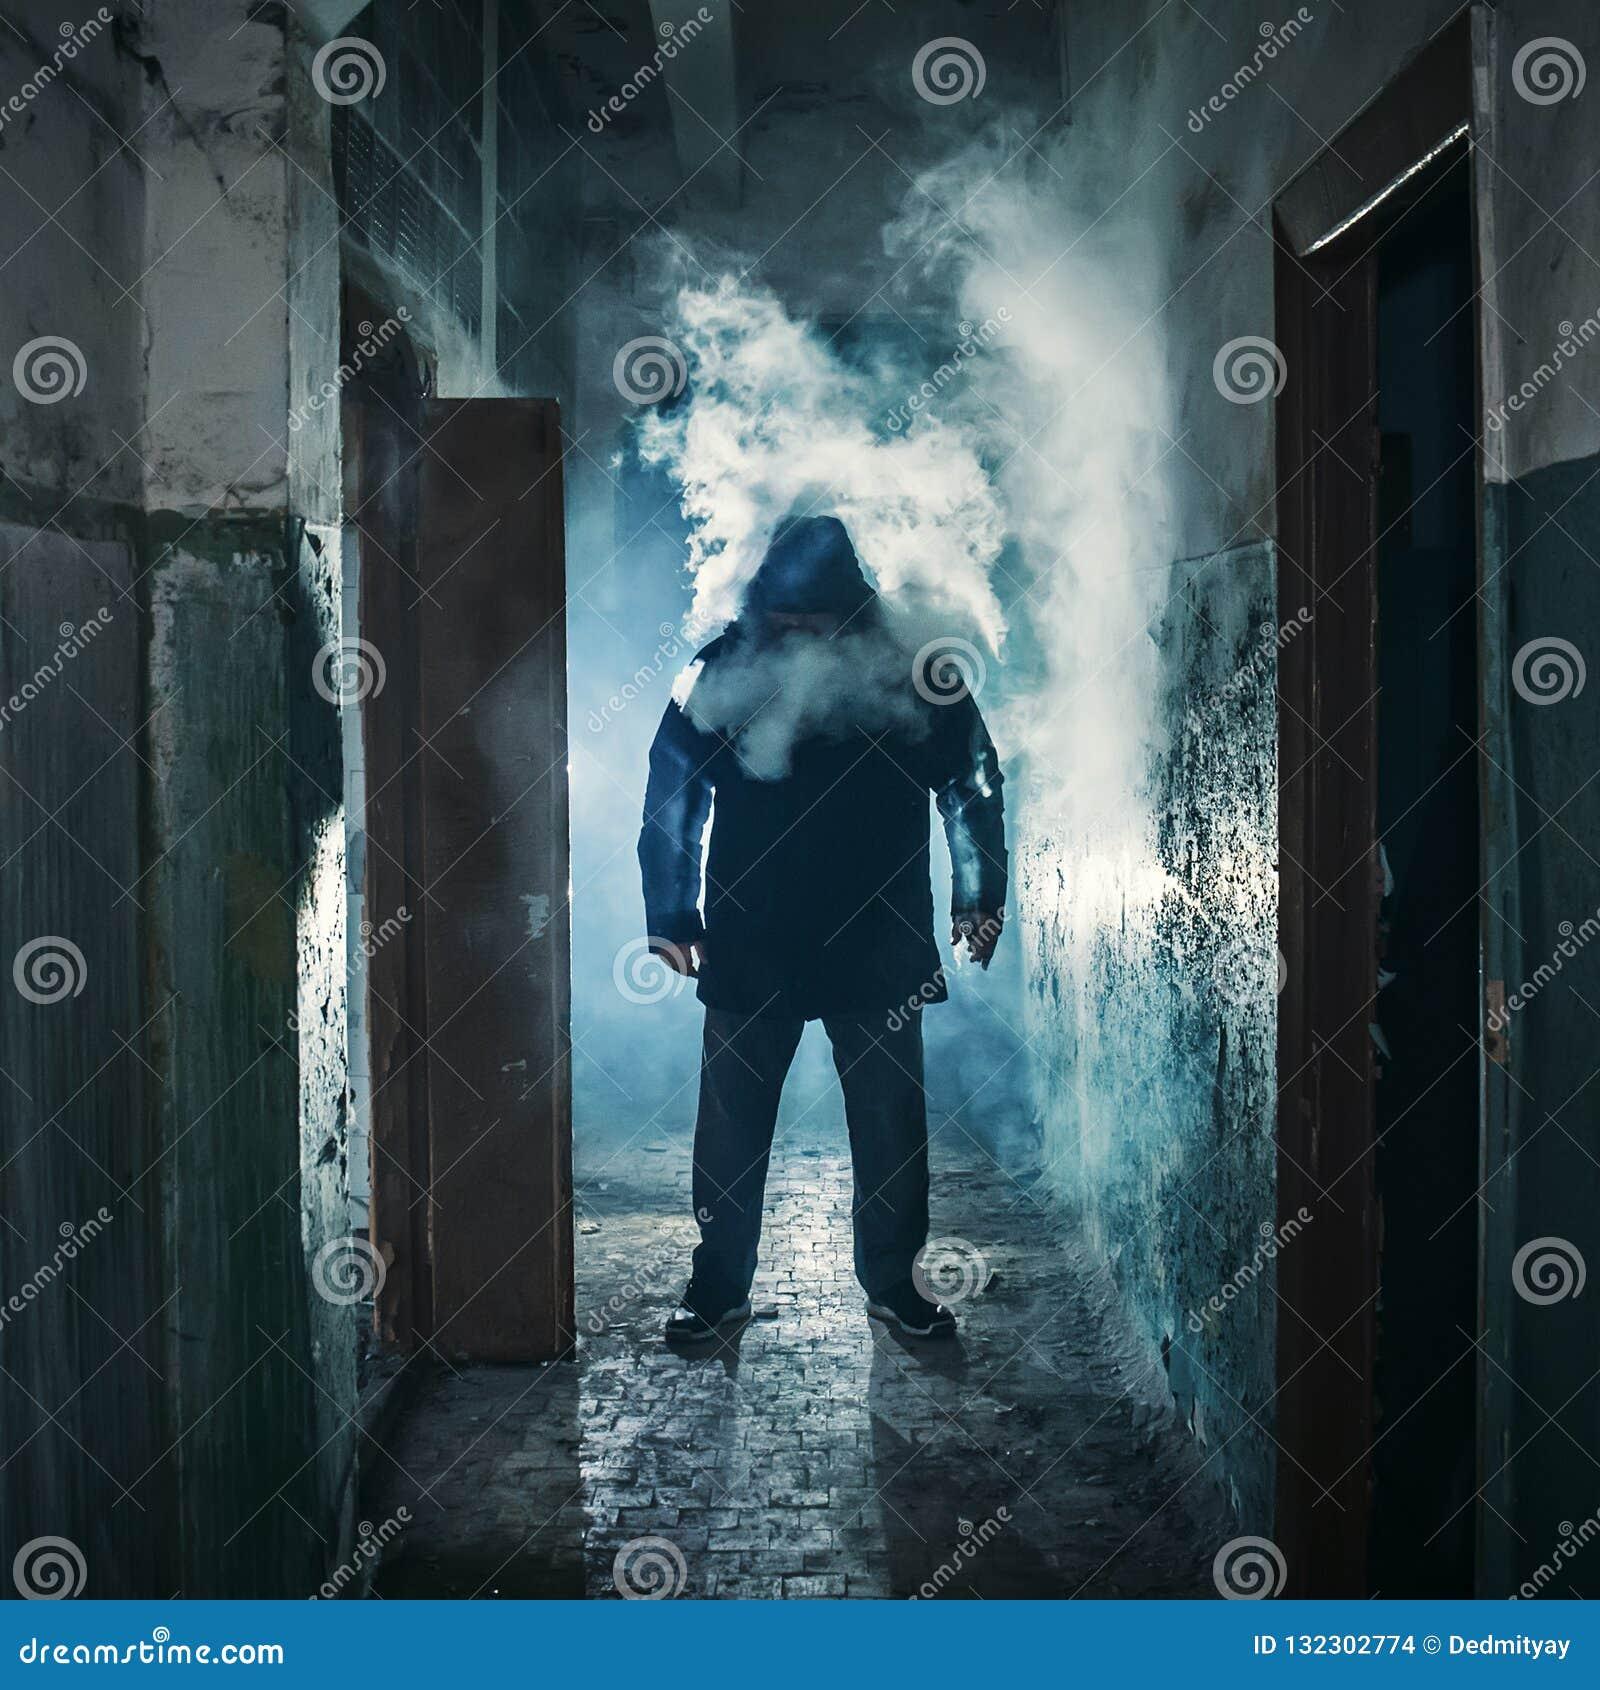 Sylwetka mężczyzna w ciemnym przerażającym korytarzu w chmurach vape opary lub kontrpary dym, tajemnica horroru atmosfera